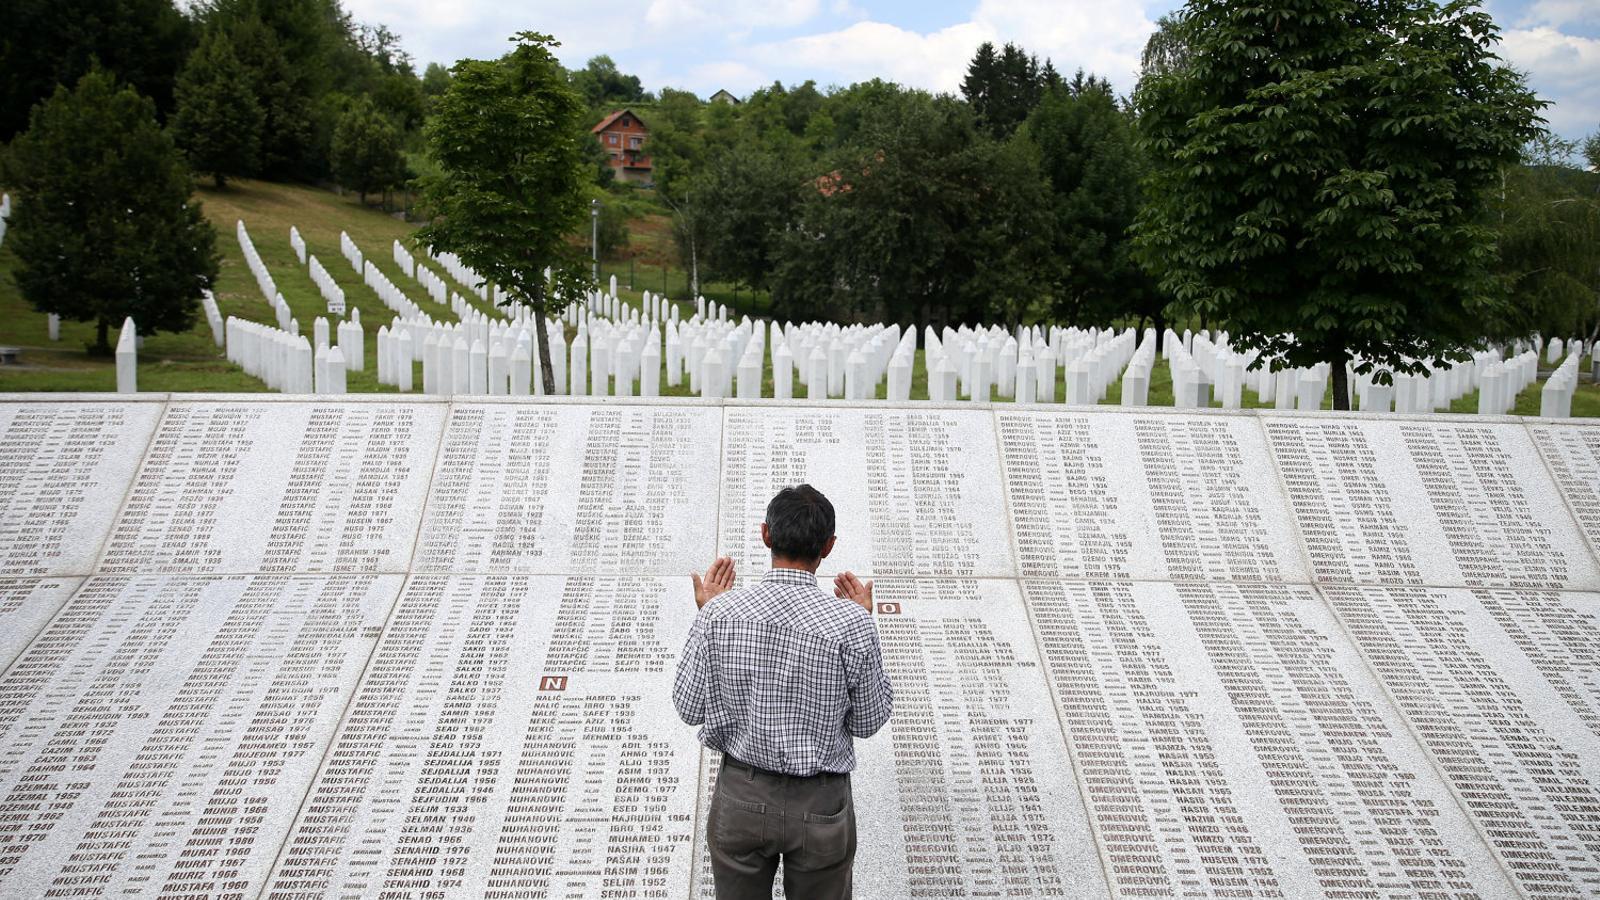 Un familiar al memorial a les víctimes de Srebrenica.